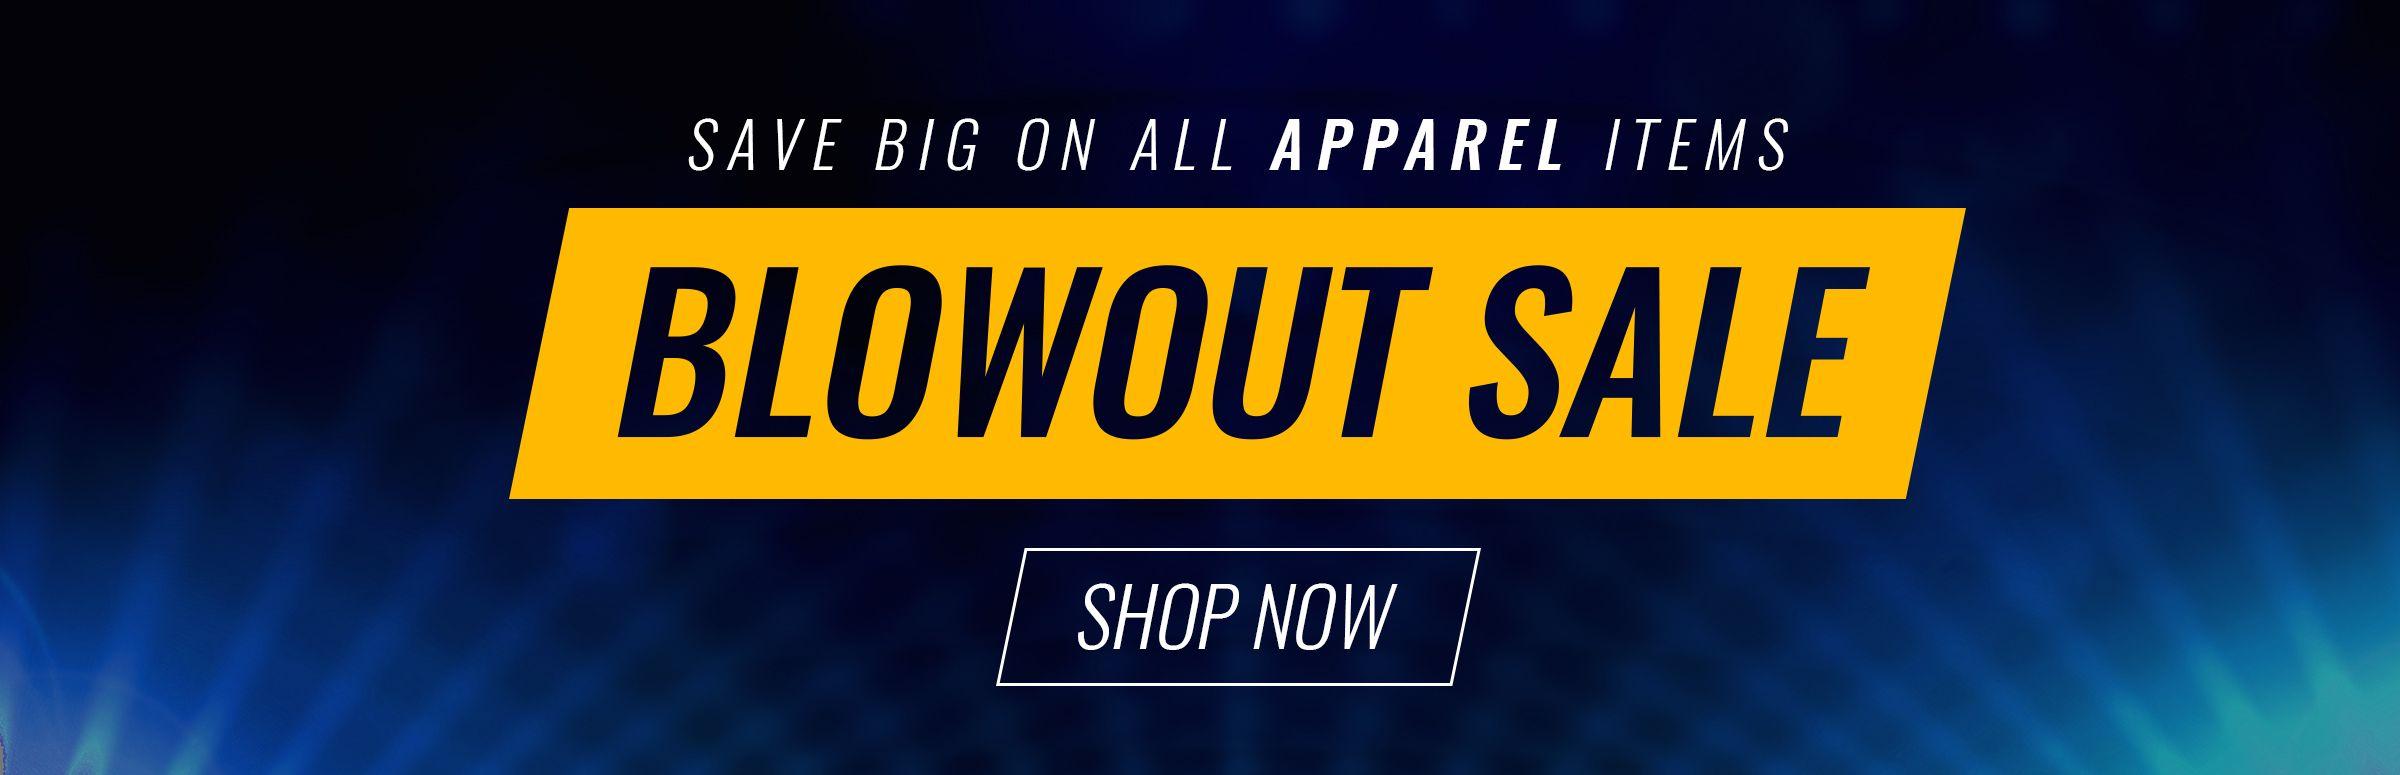 Apparel Blowout Sale!